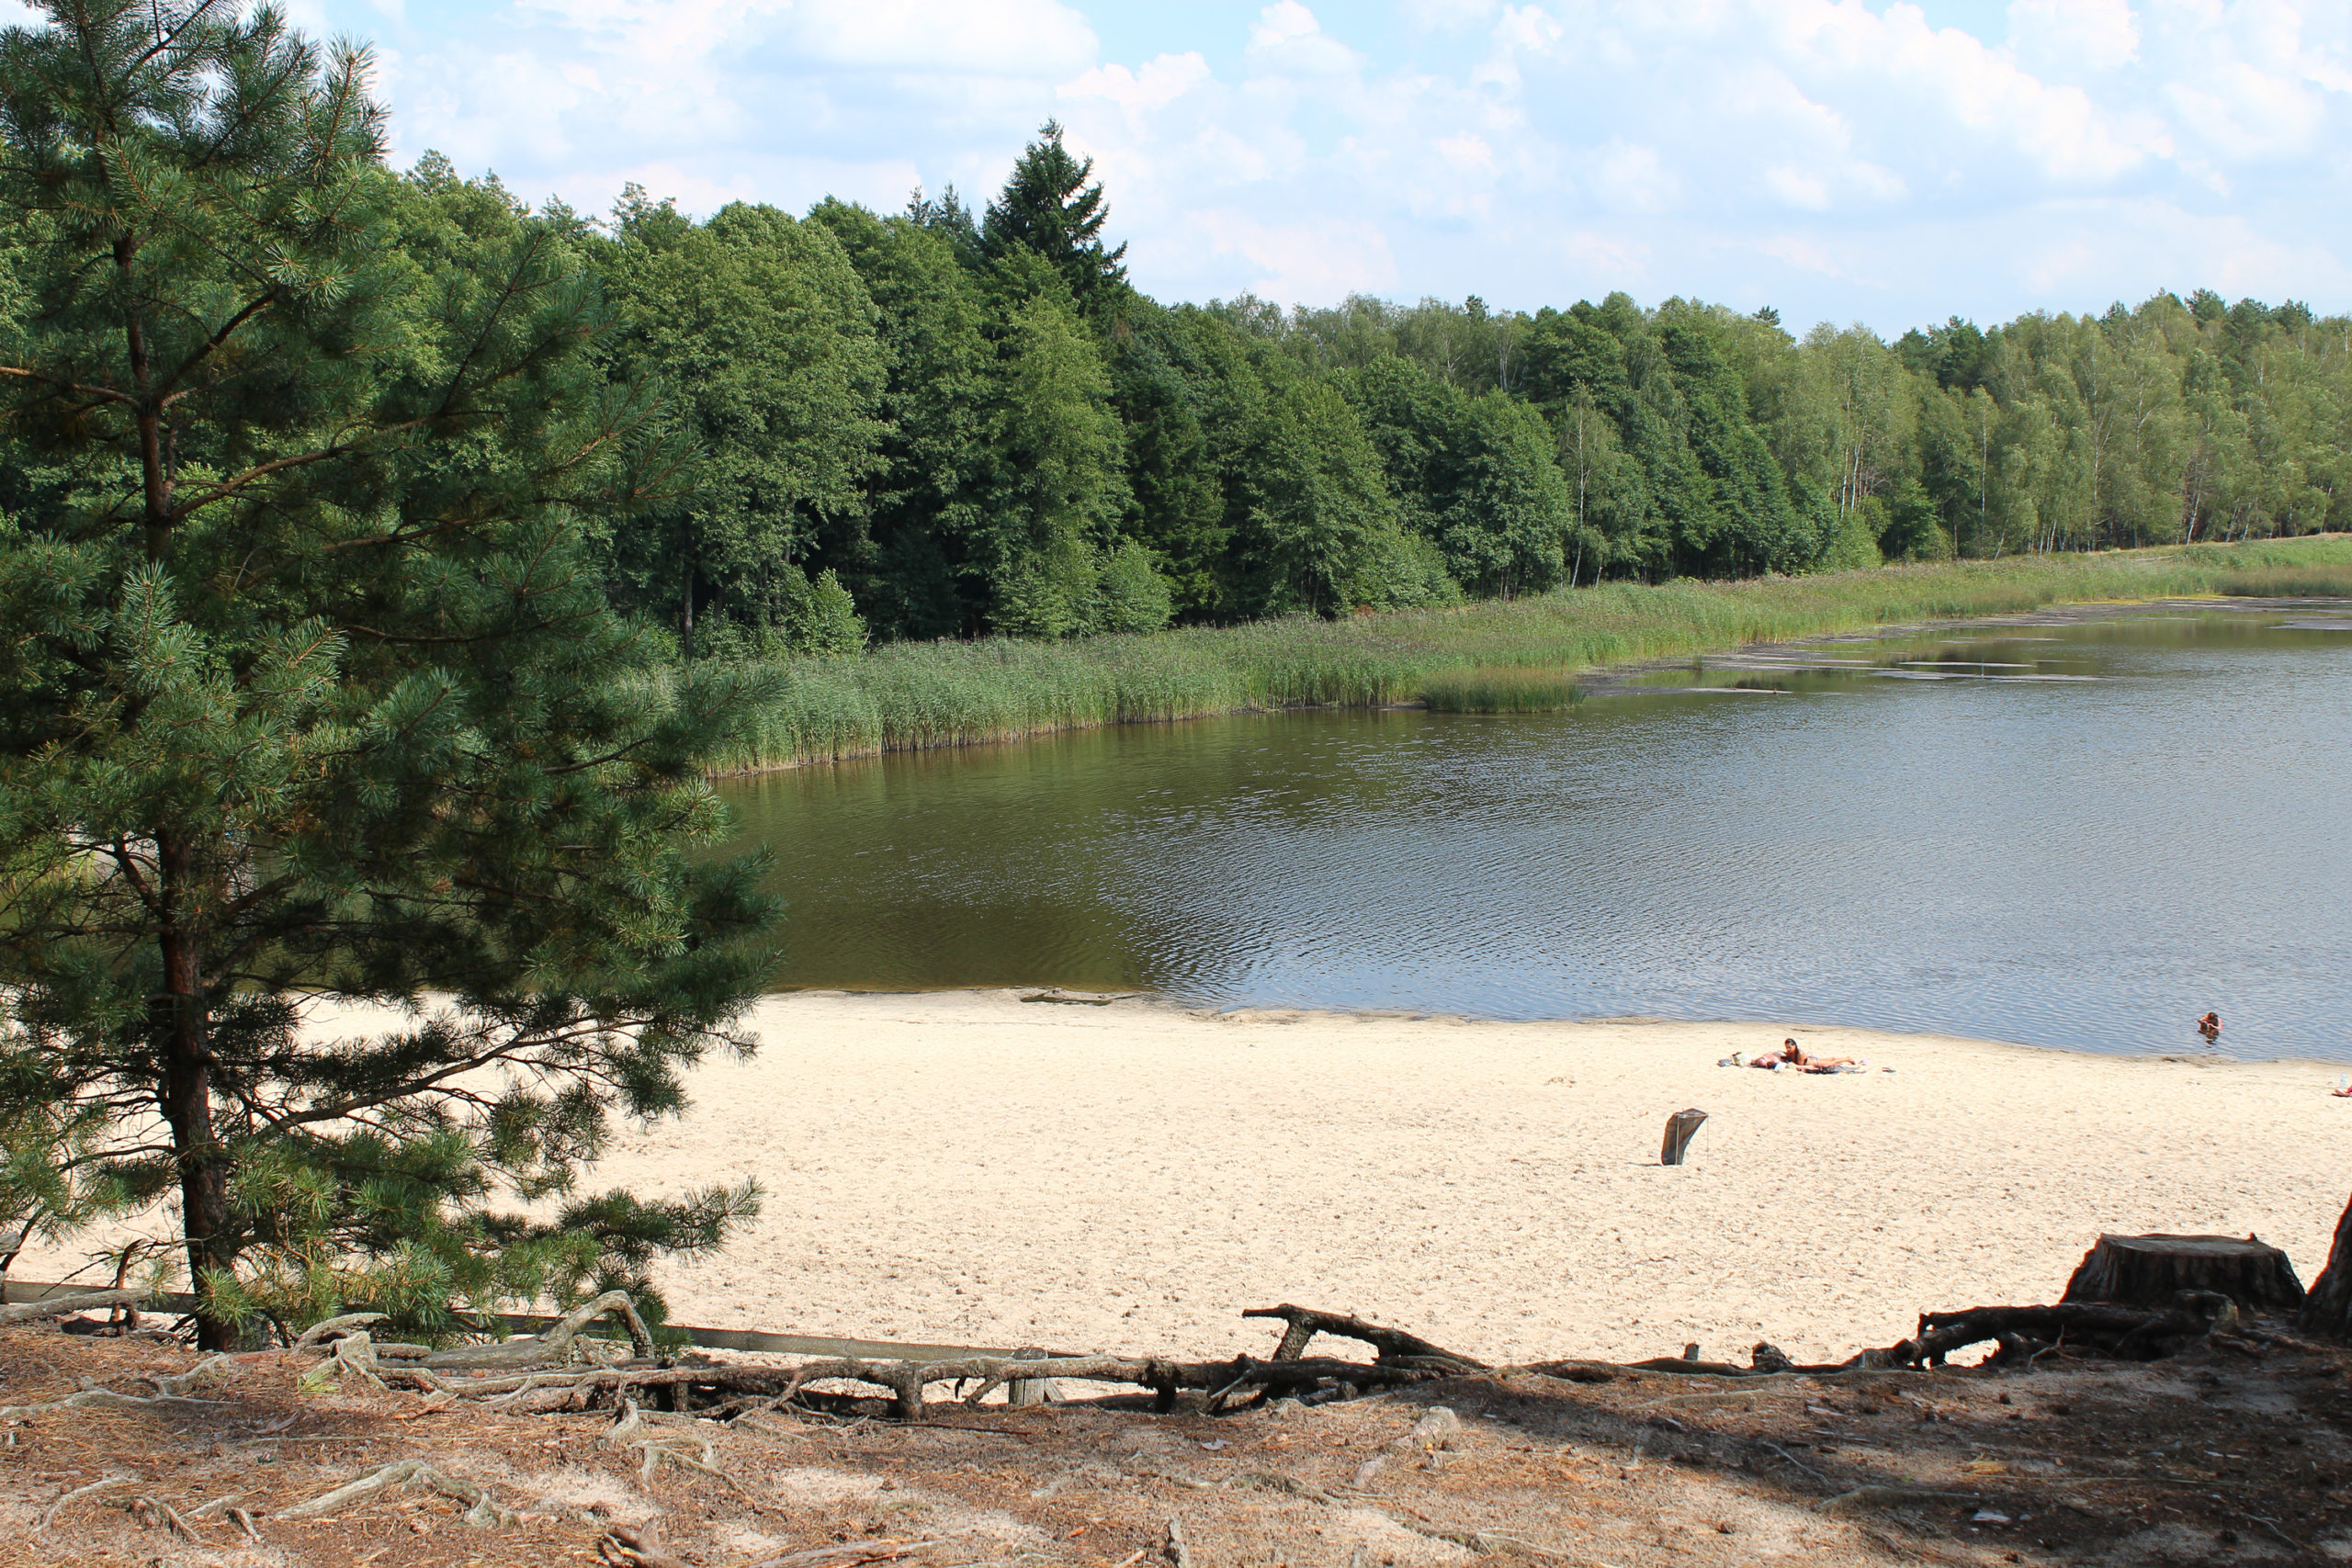 Widok na plażę i wodę